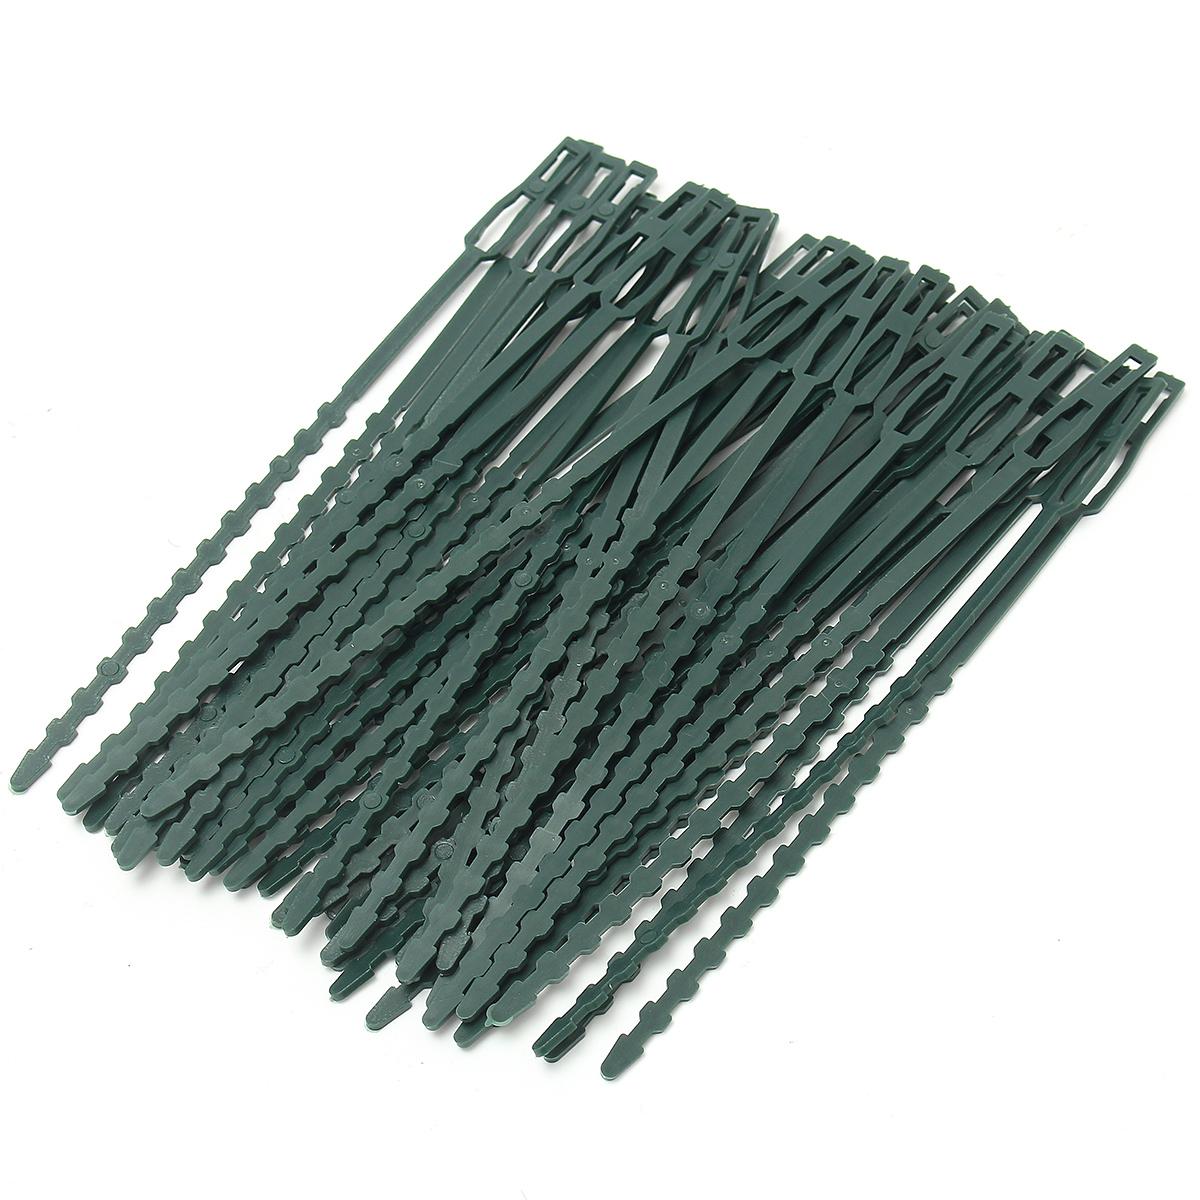 50pcs Reusable Garden Plastic Plant Cable Ties Straps